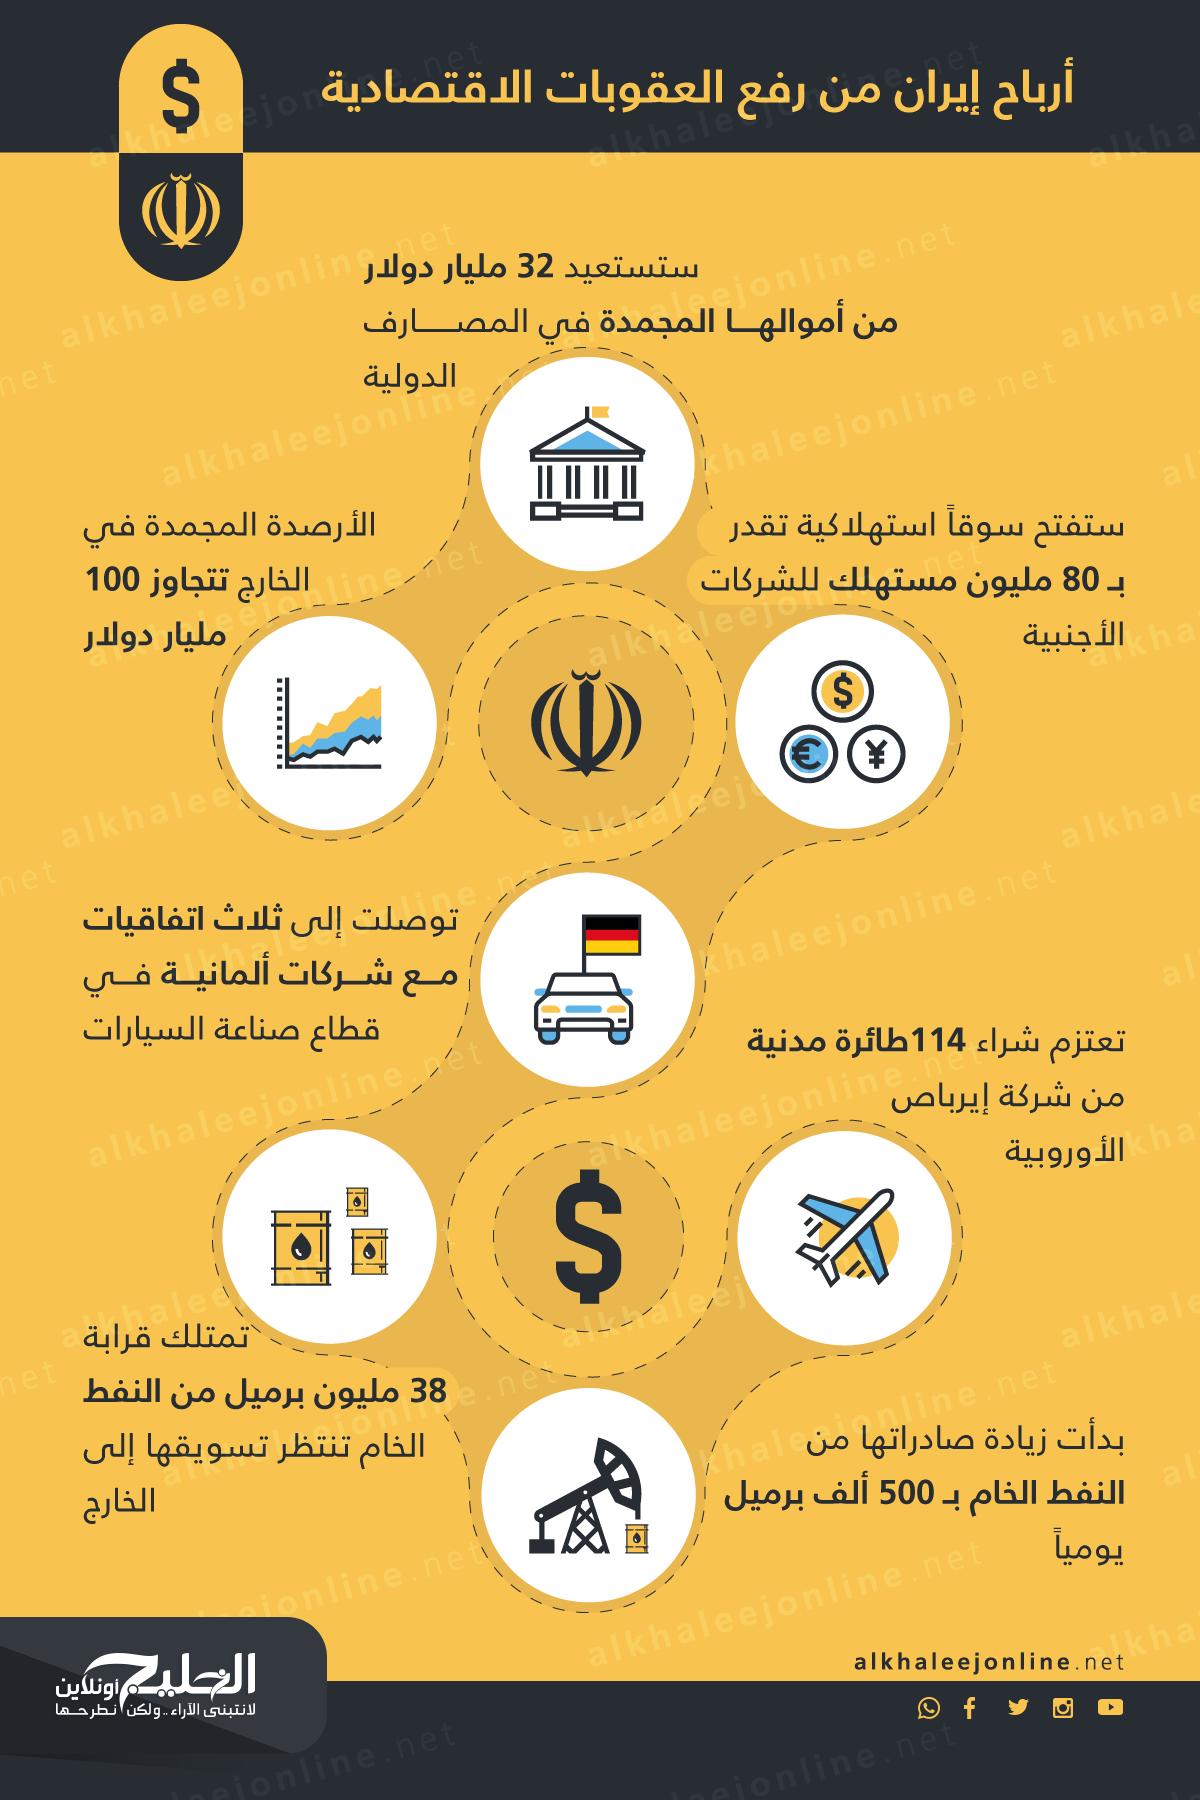 أرباح-إيران-من-رفع-العقوبات-الاقتصادية-1